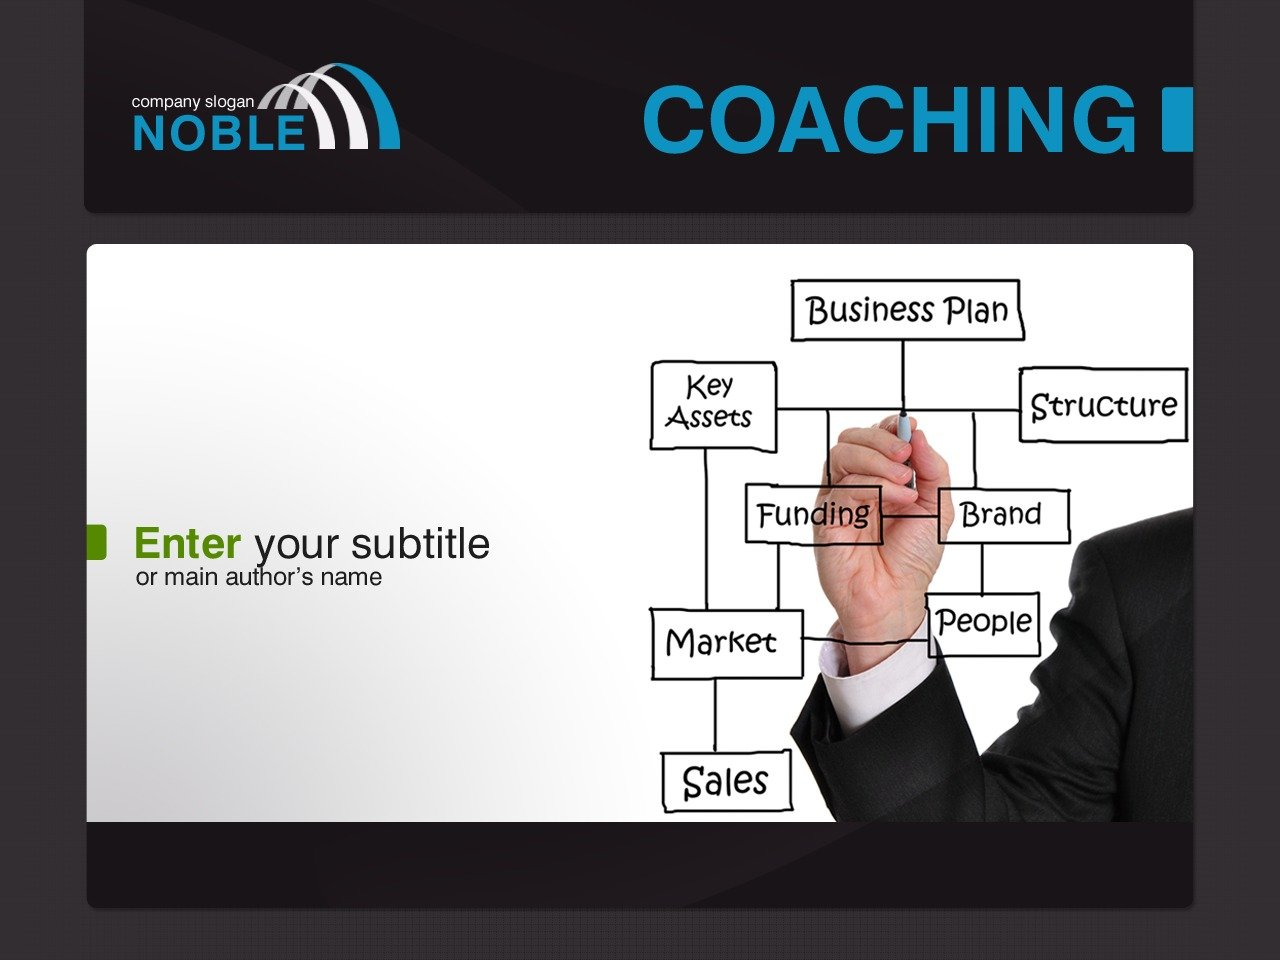 Szablon PowerPoint #30791 na temat: szkoła biznesu - zrzut ekranu